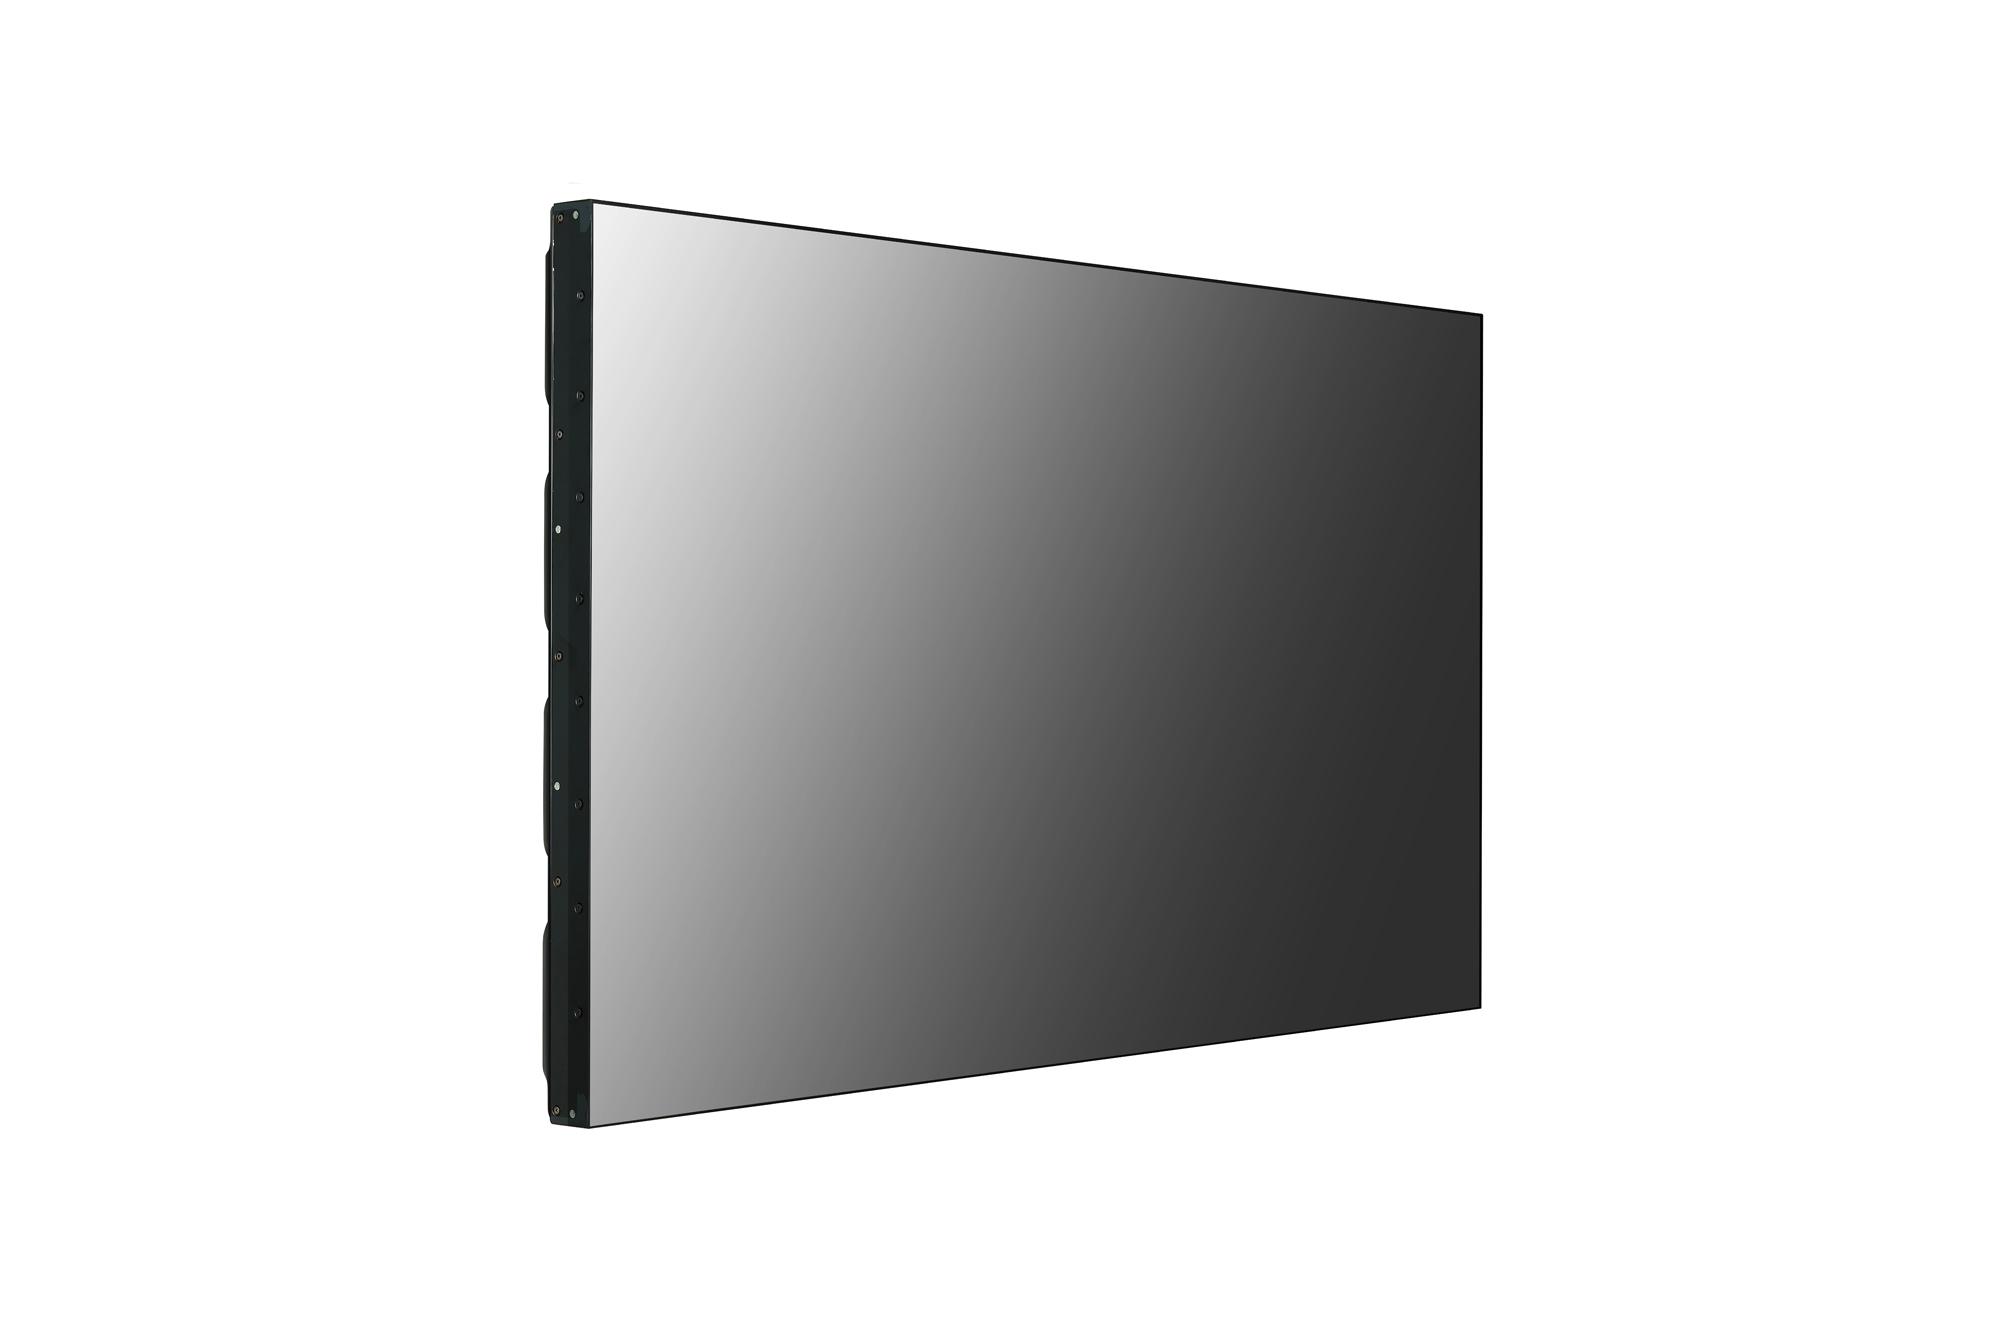 LG Video Wall 49VL5F-A 6